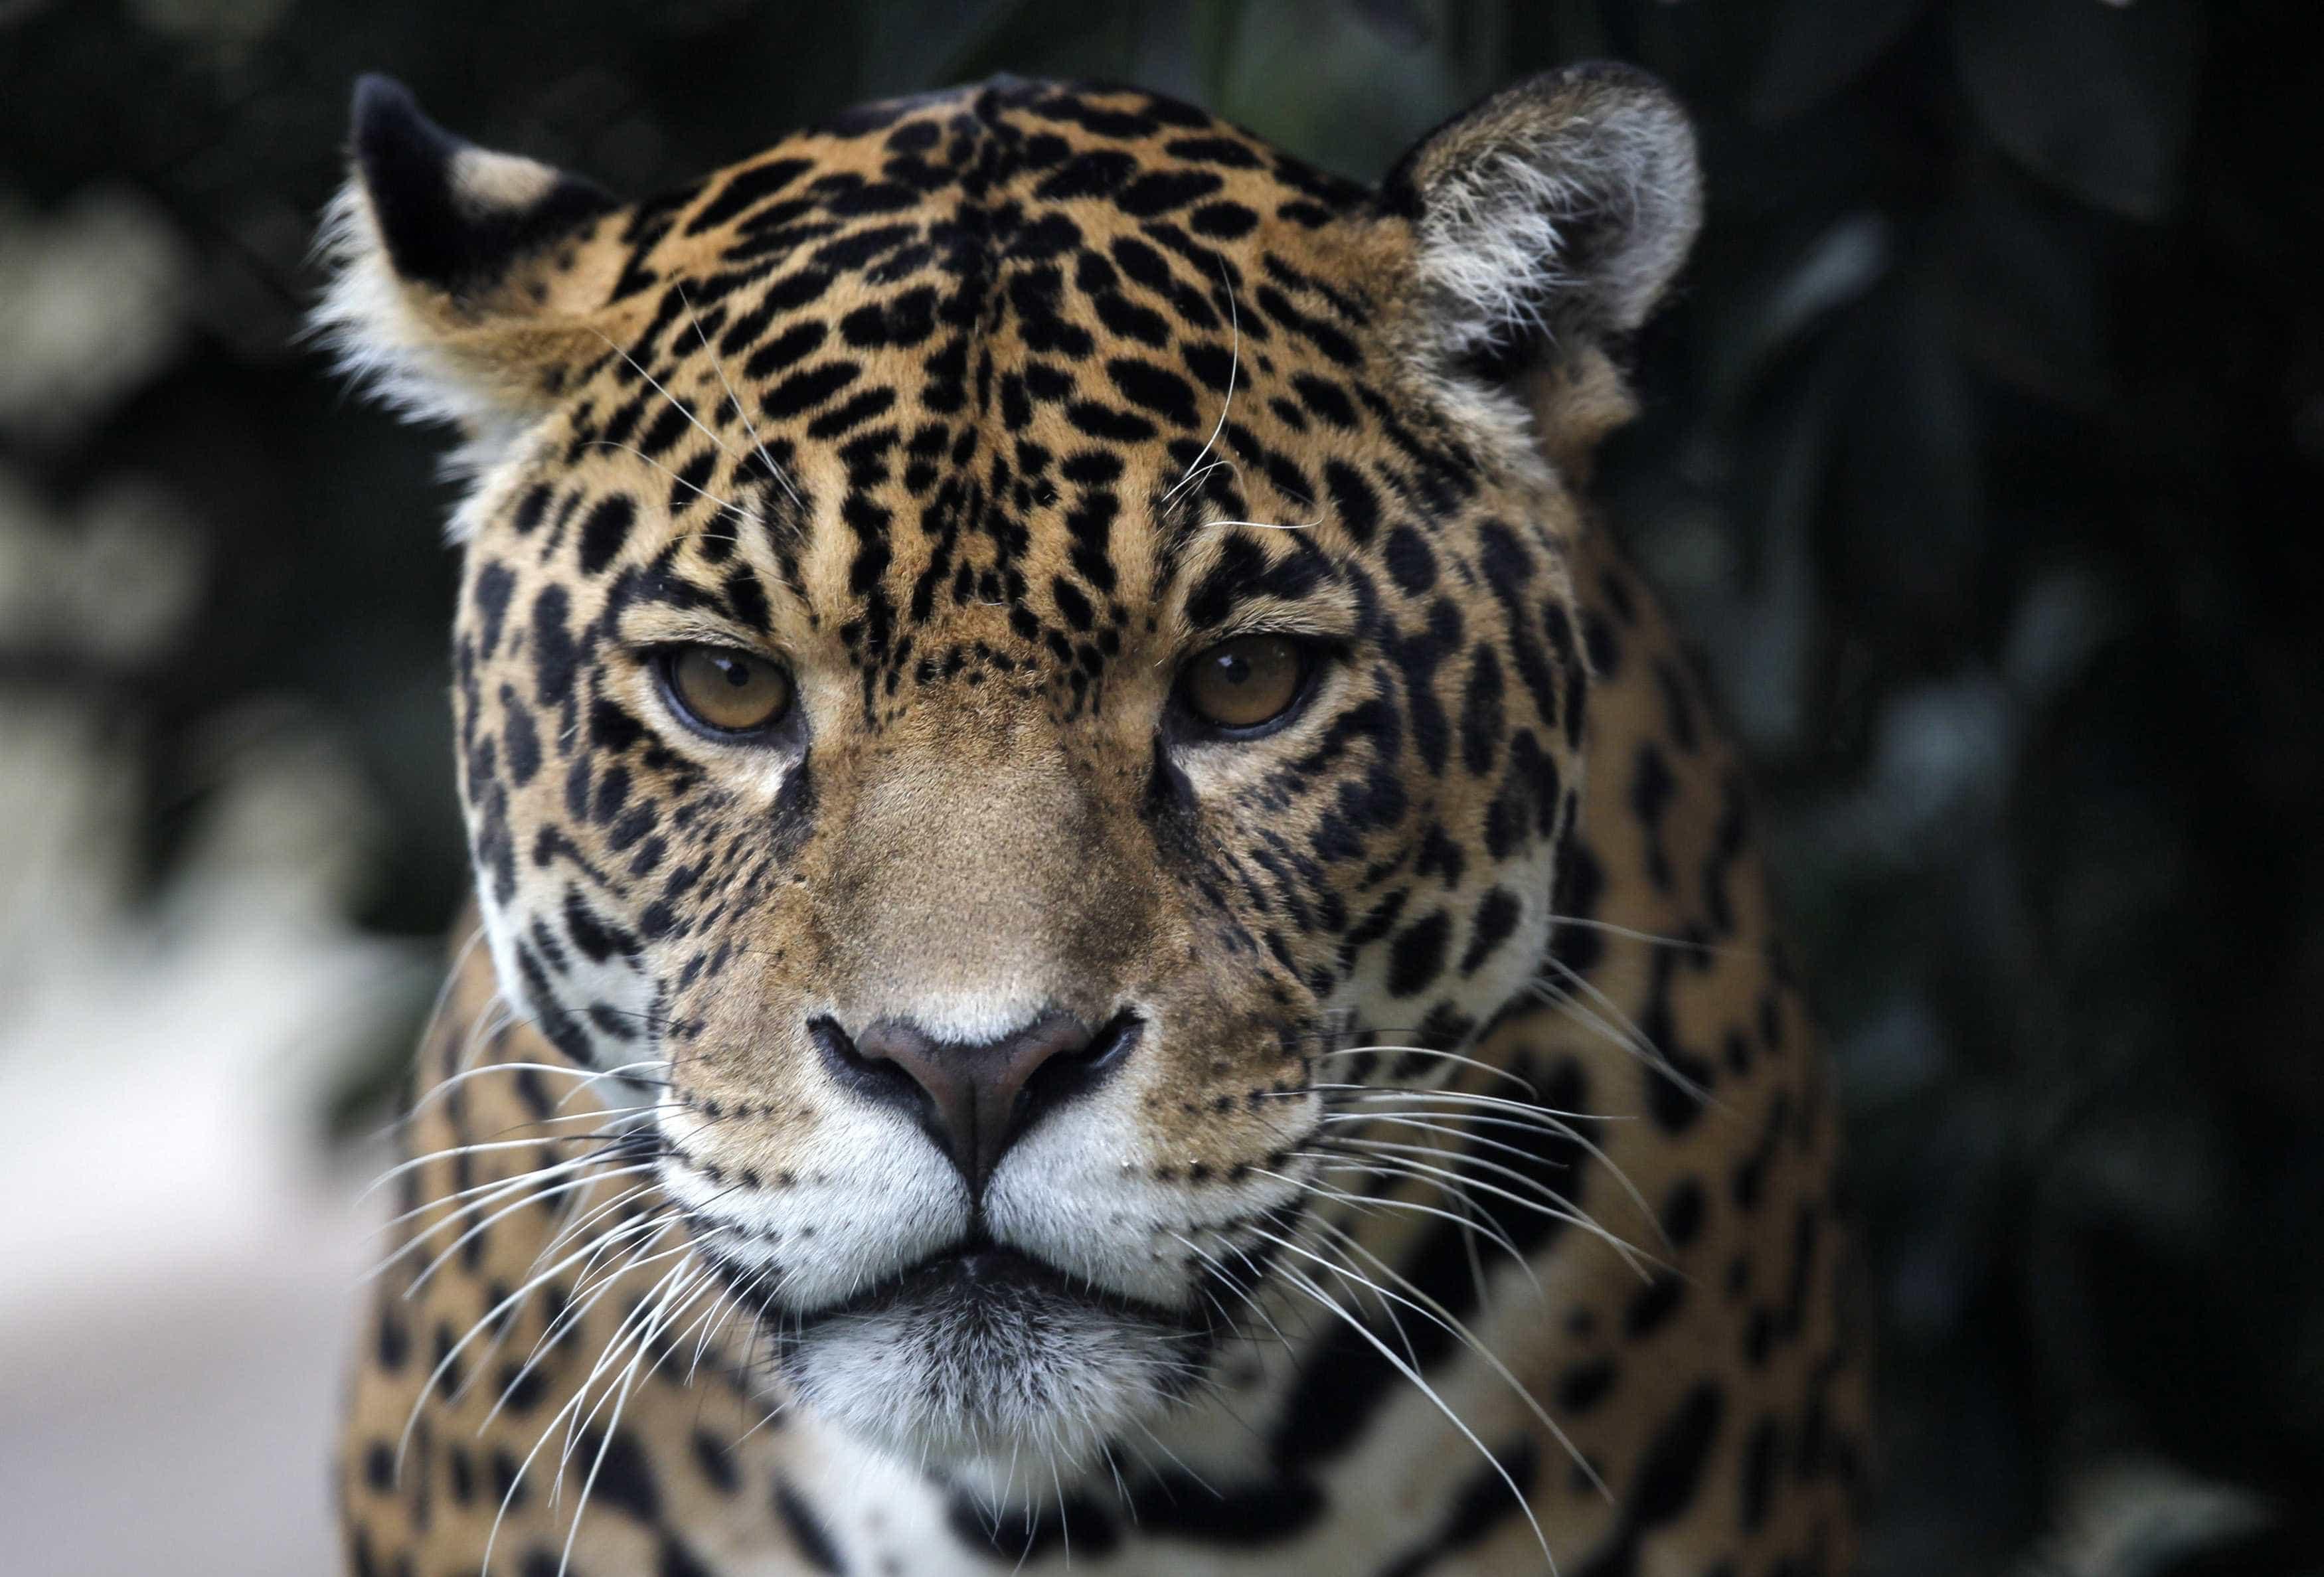 Mulher atacada por jaguar ao tentar tirar selfie em zoo no Arizona